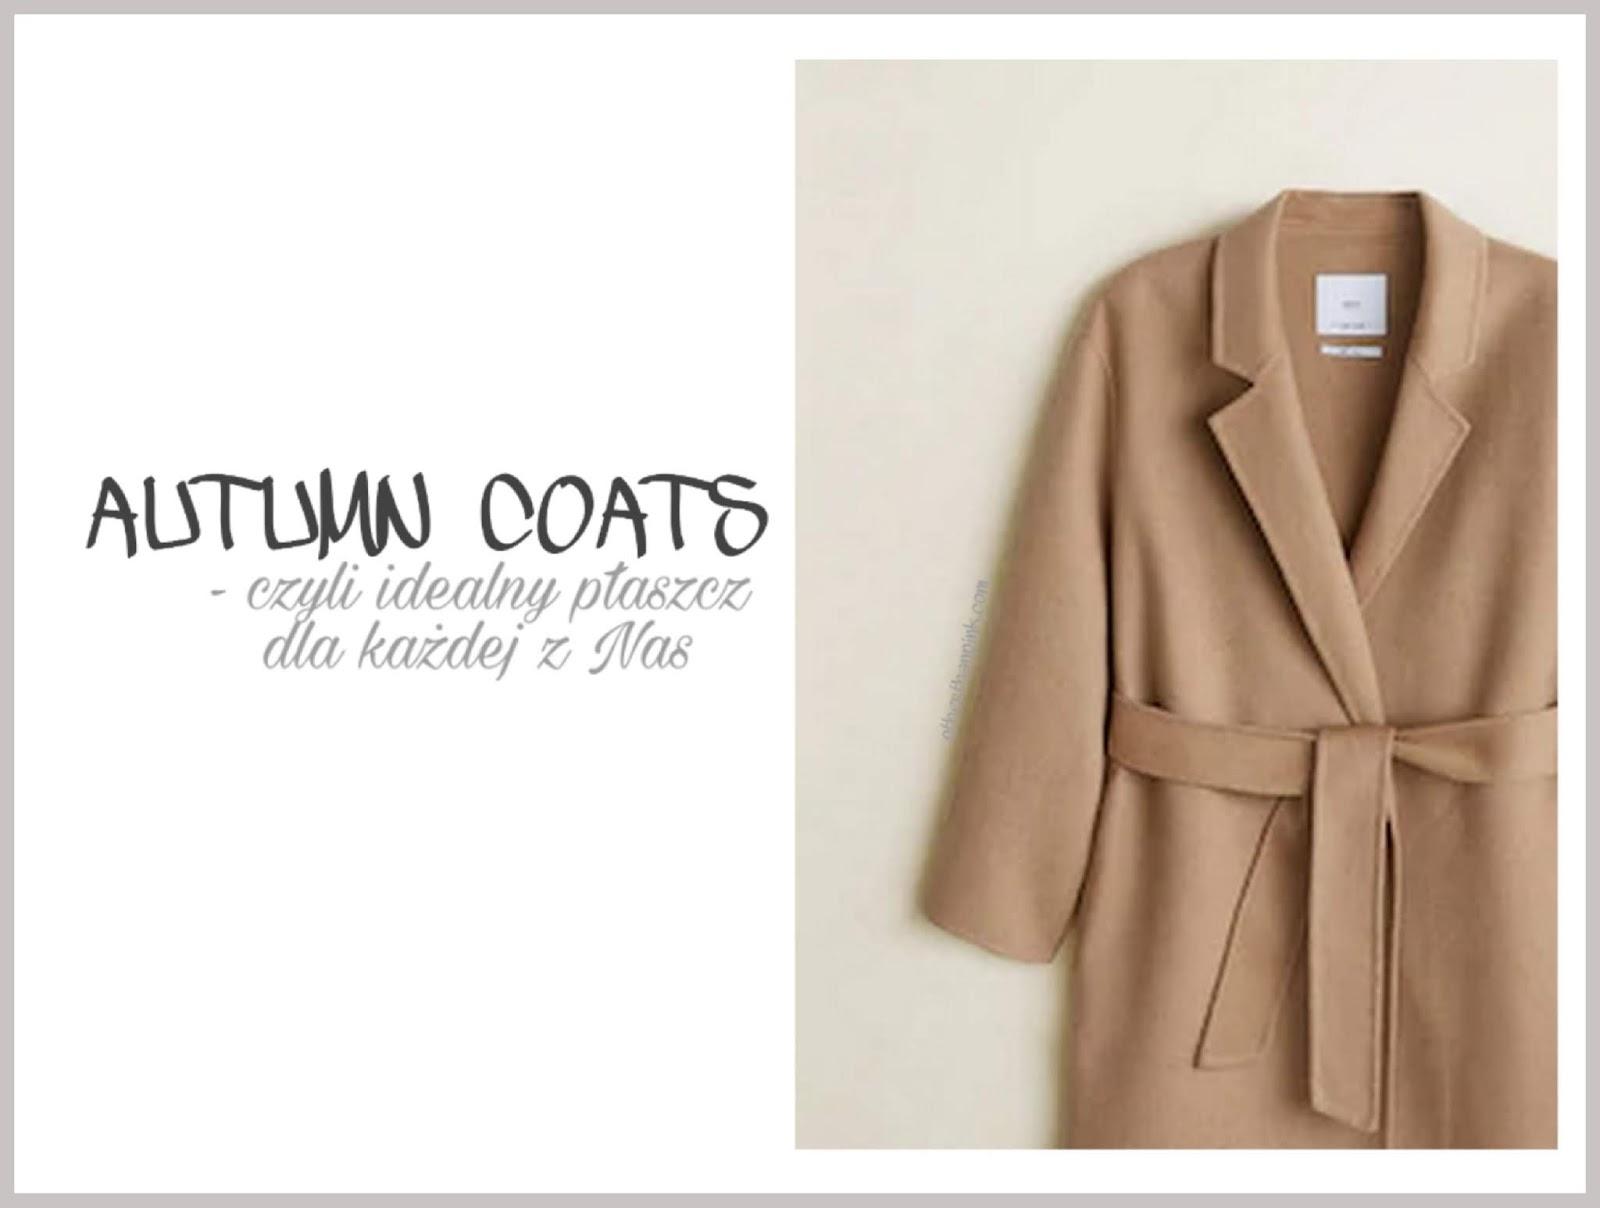 Perfect autumn coat czyli ponad 100 płaszczy i największy przegląd w sieci